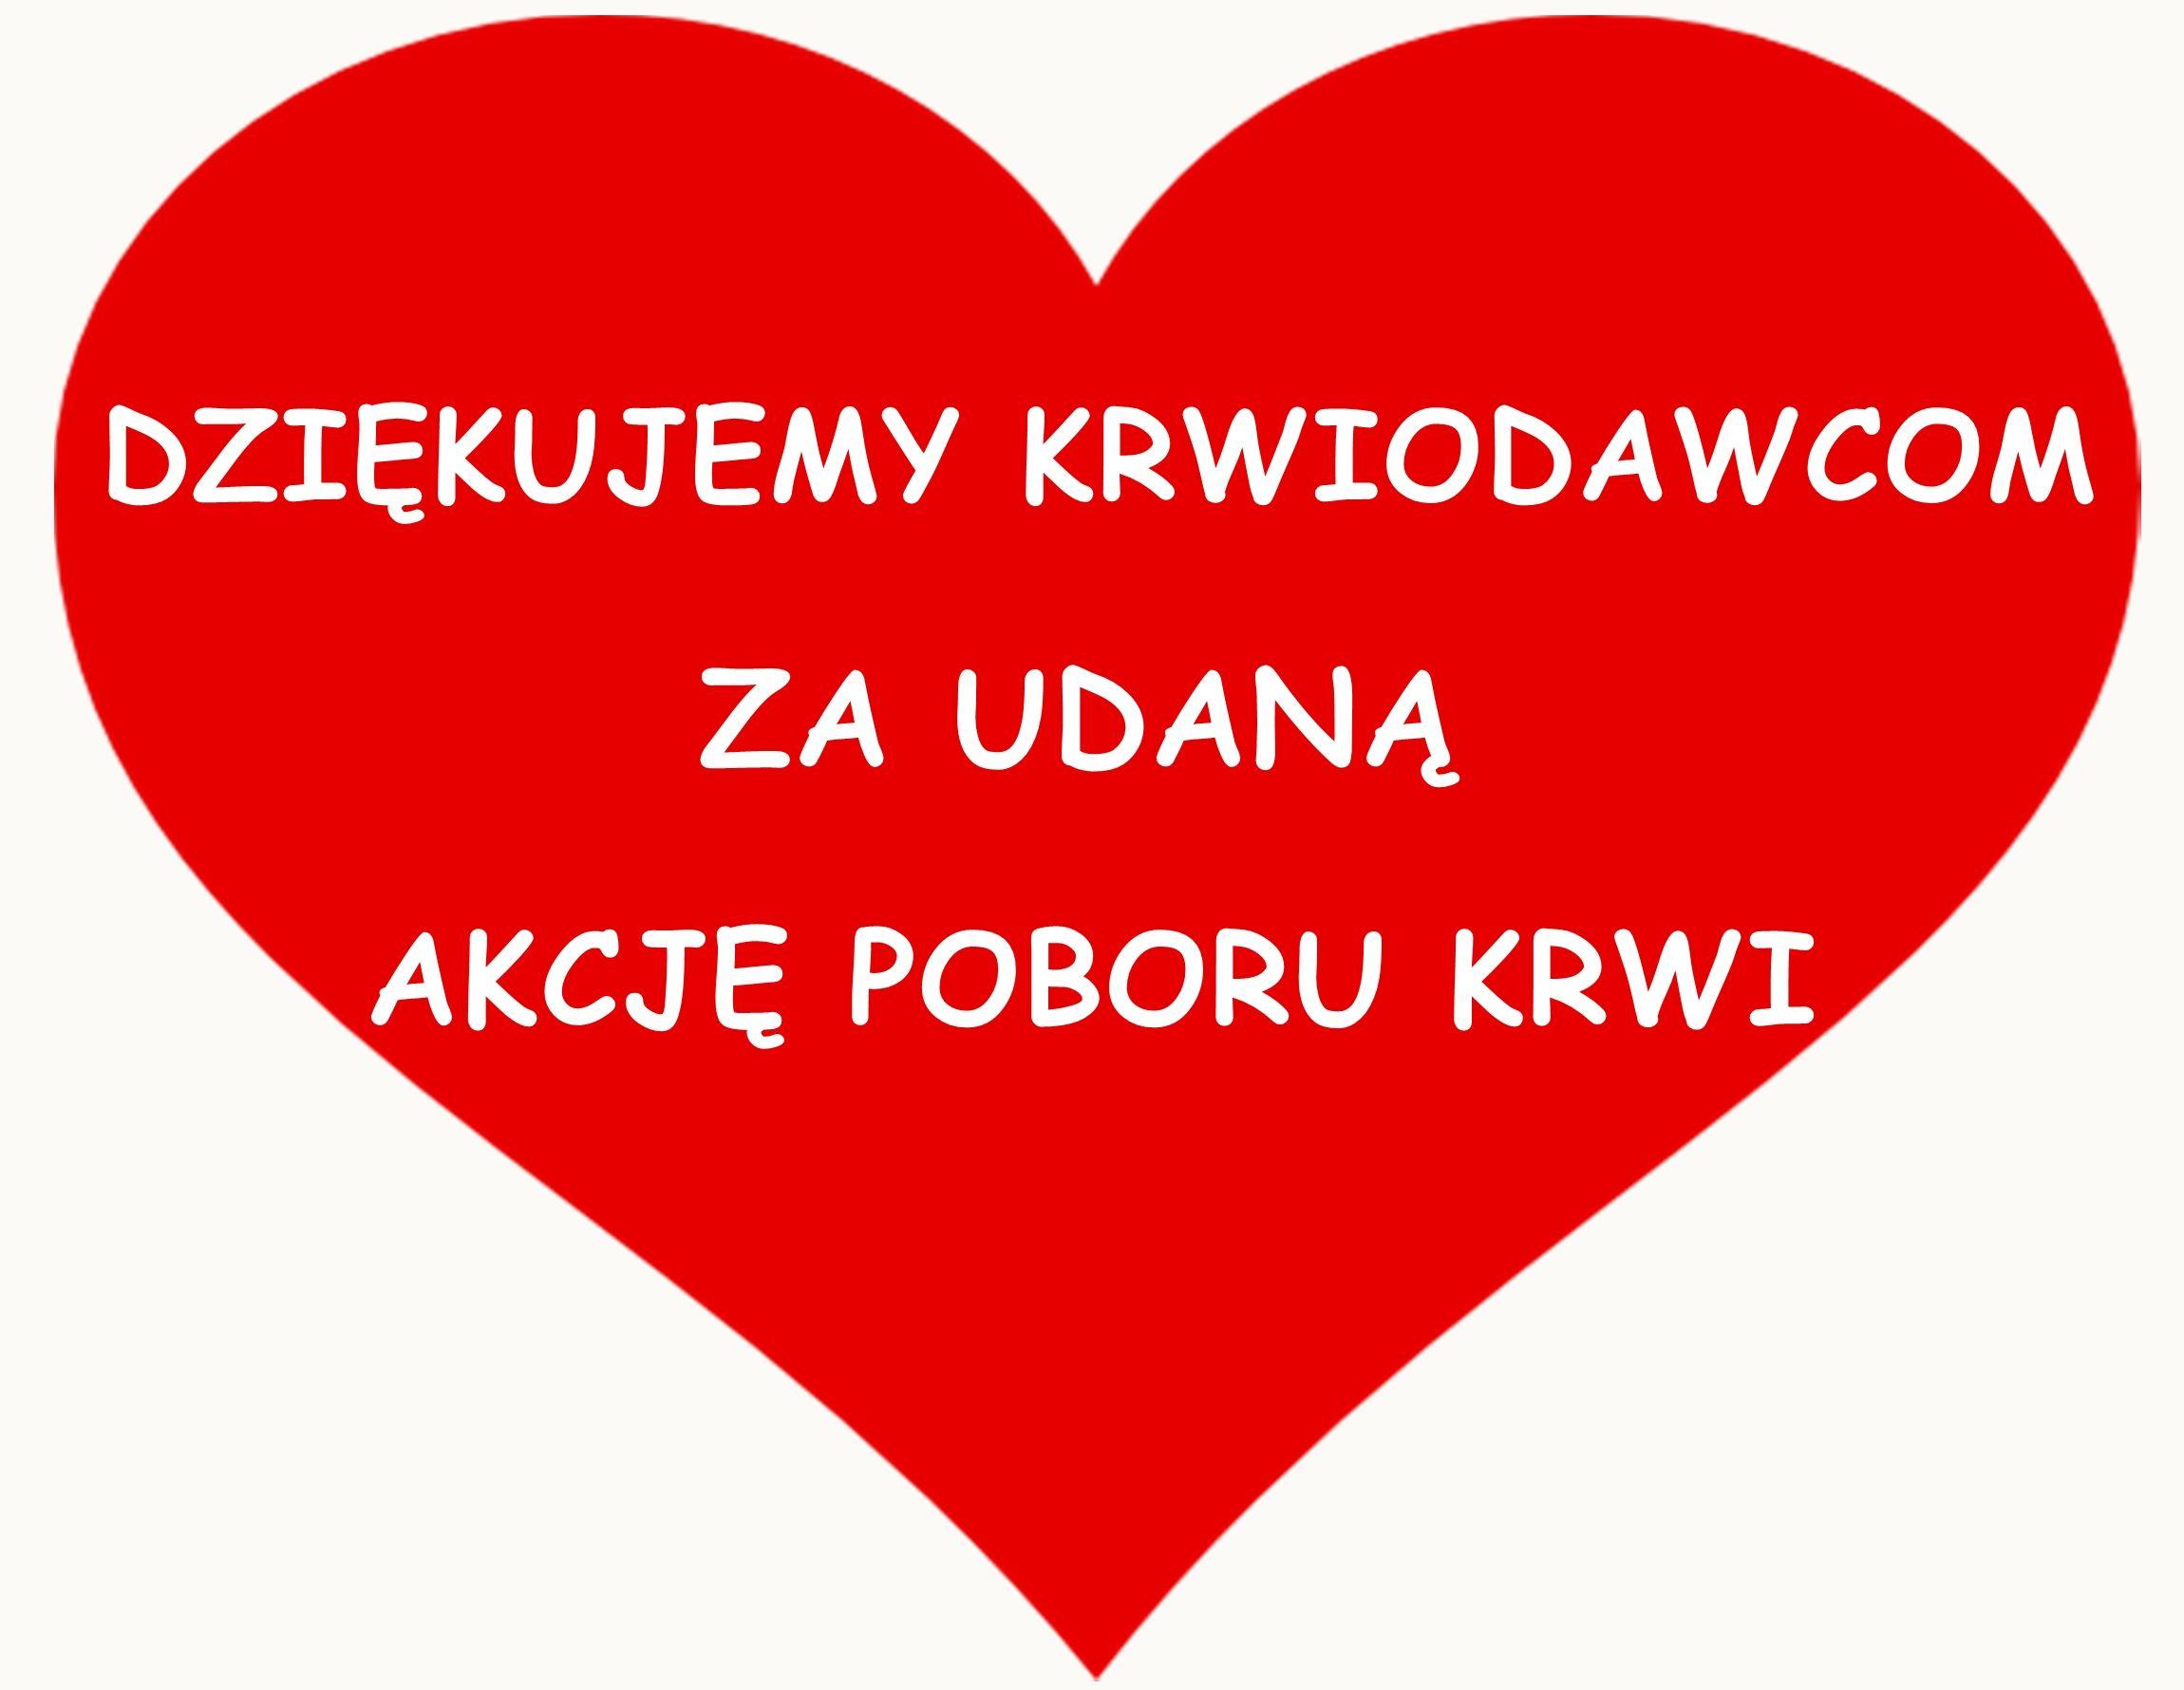 Na czerwonym sercu napis Dziękujemy krwiodawcom za udaną akcję poboru krwi